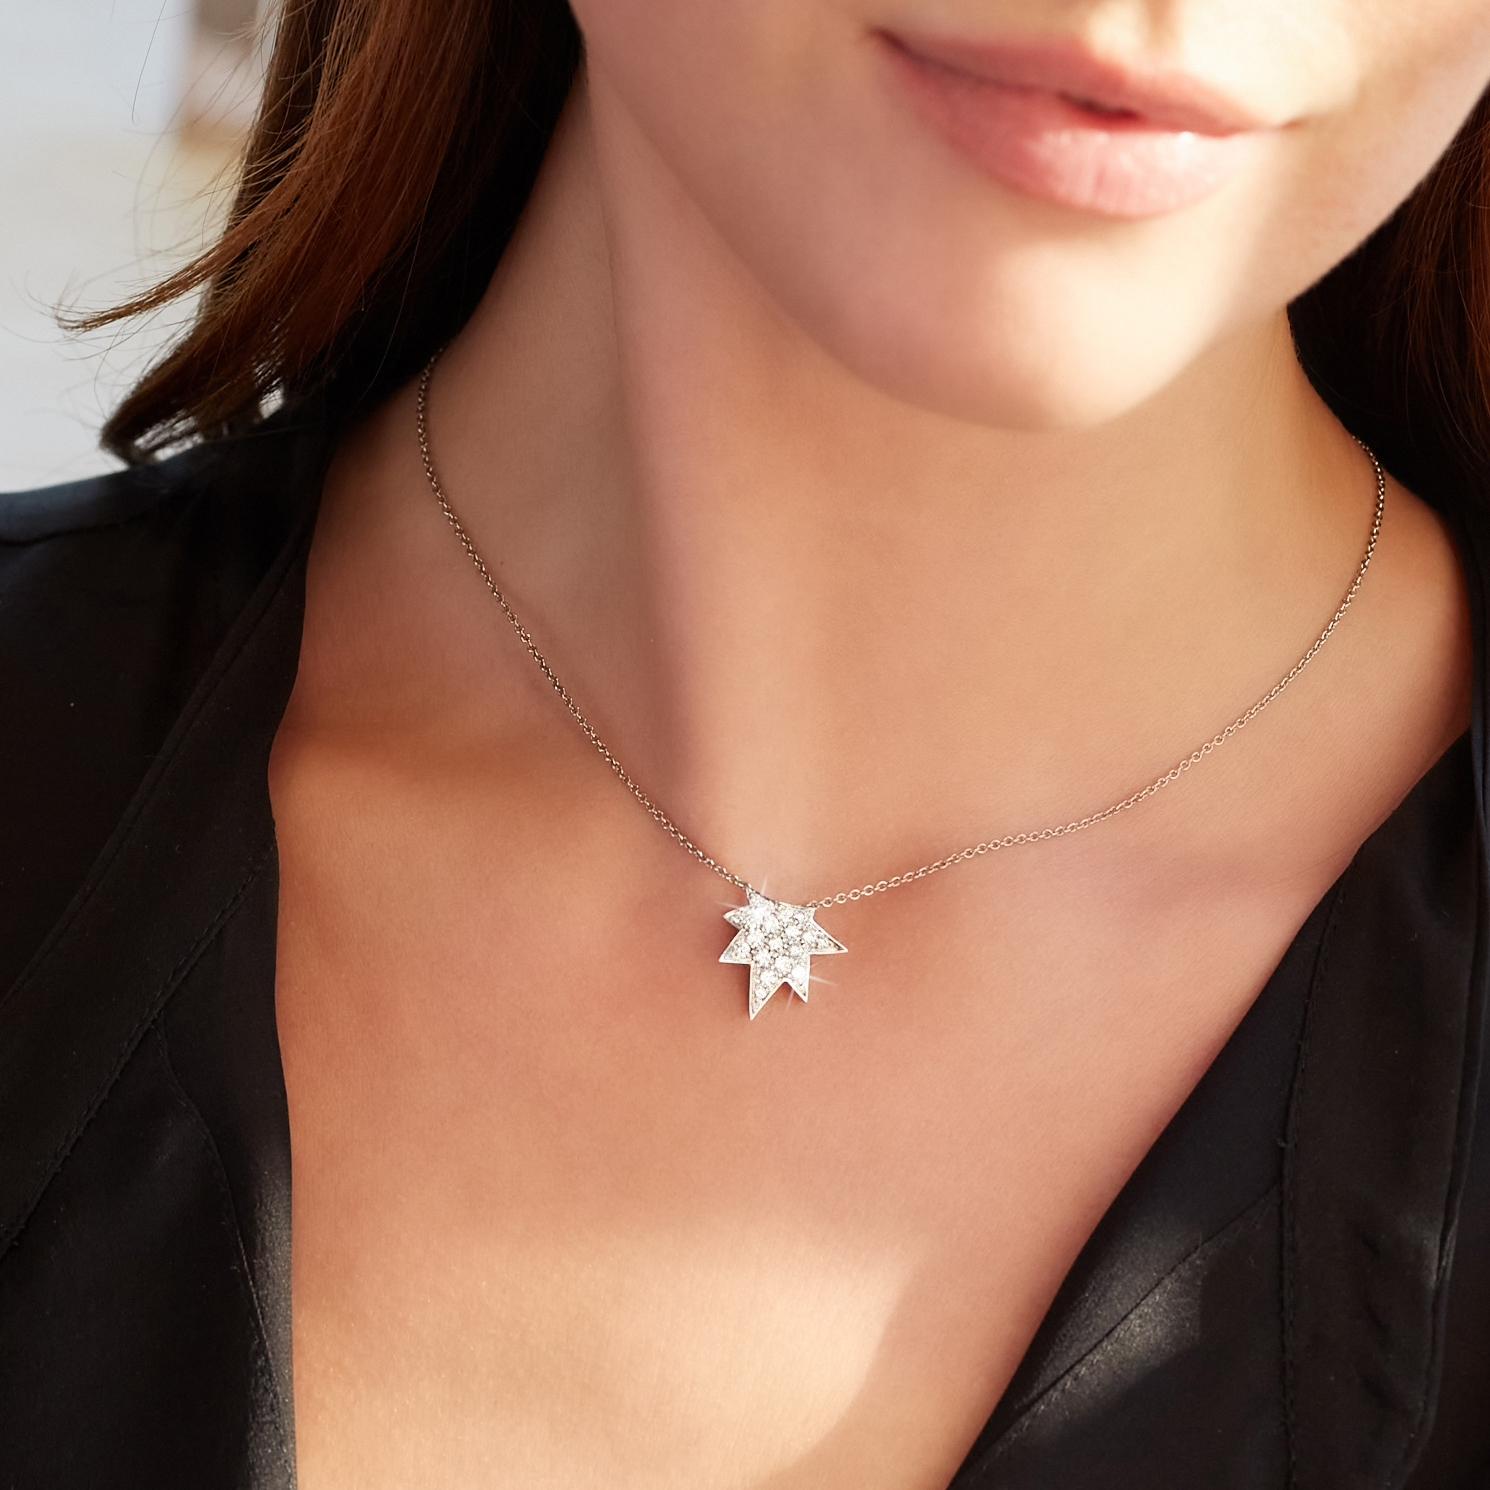 Stardust Pendant Necklace